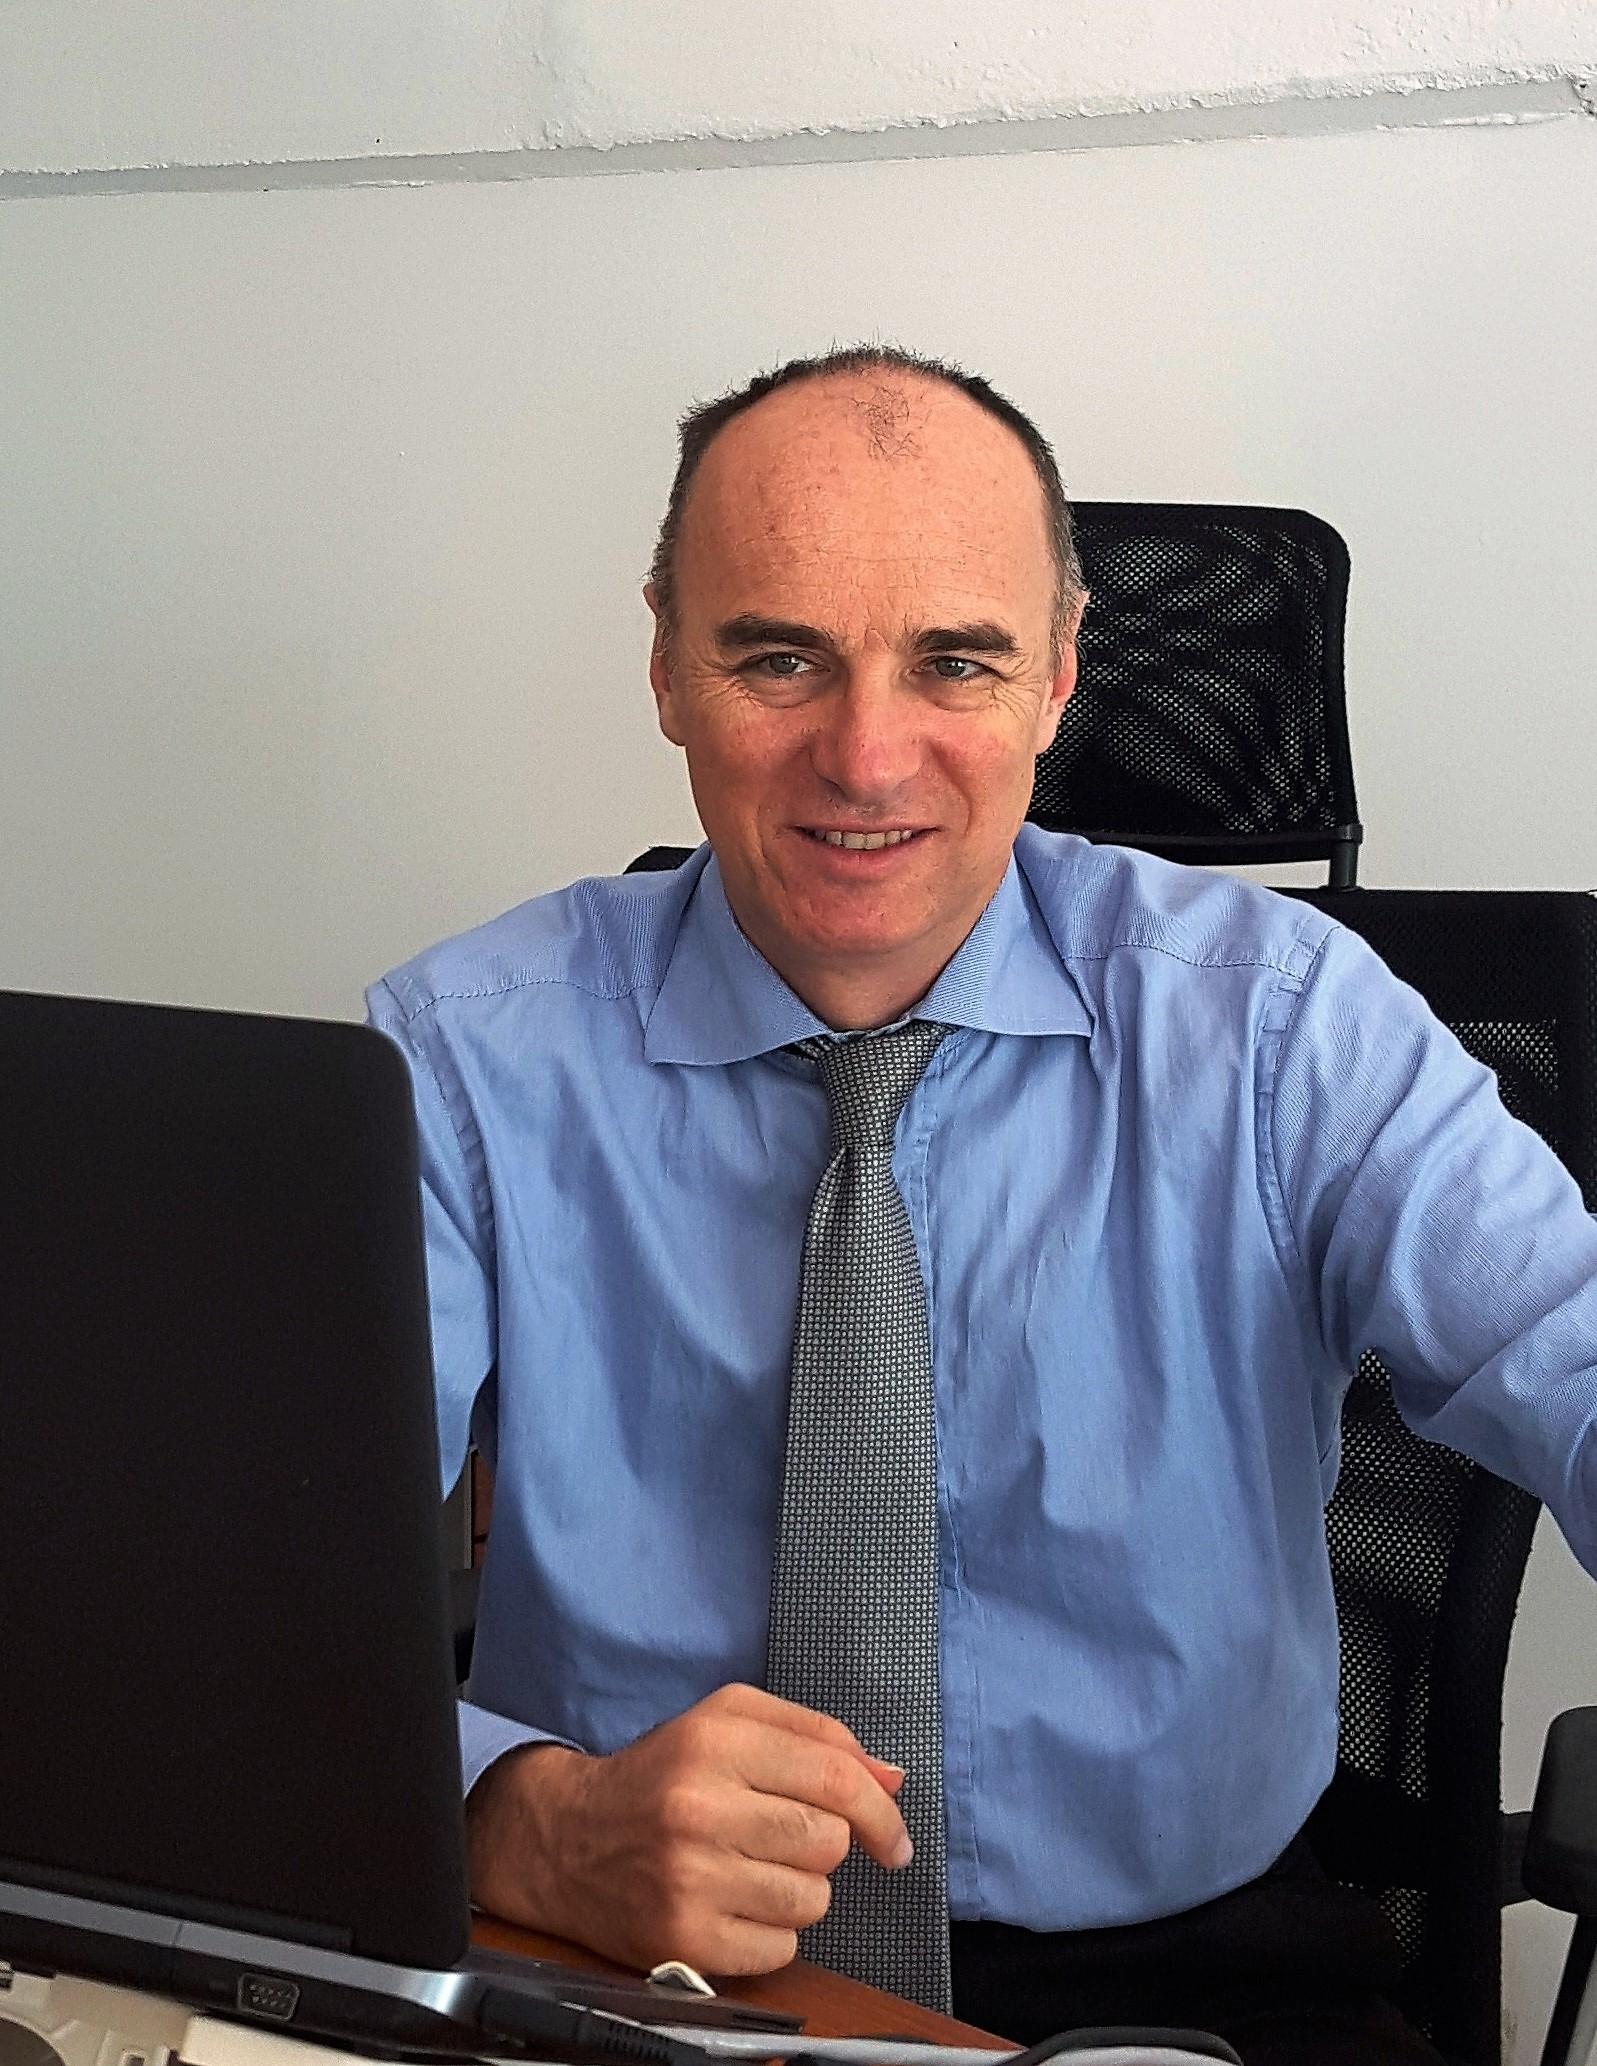 Stefano Scoccianti